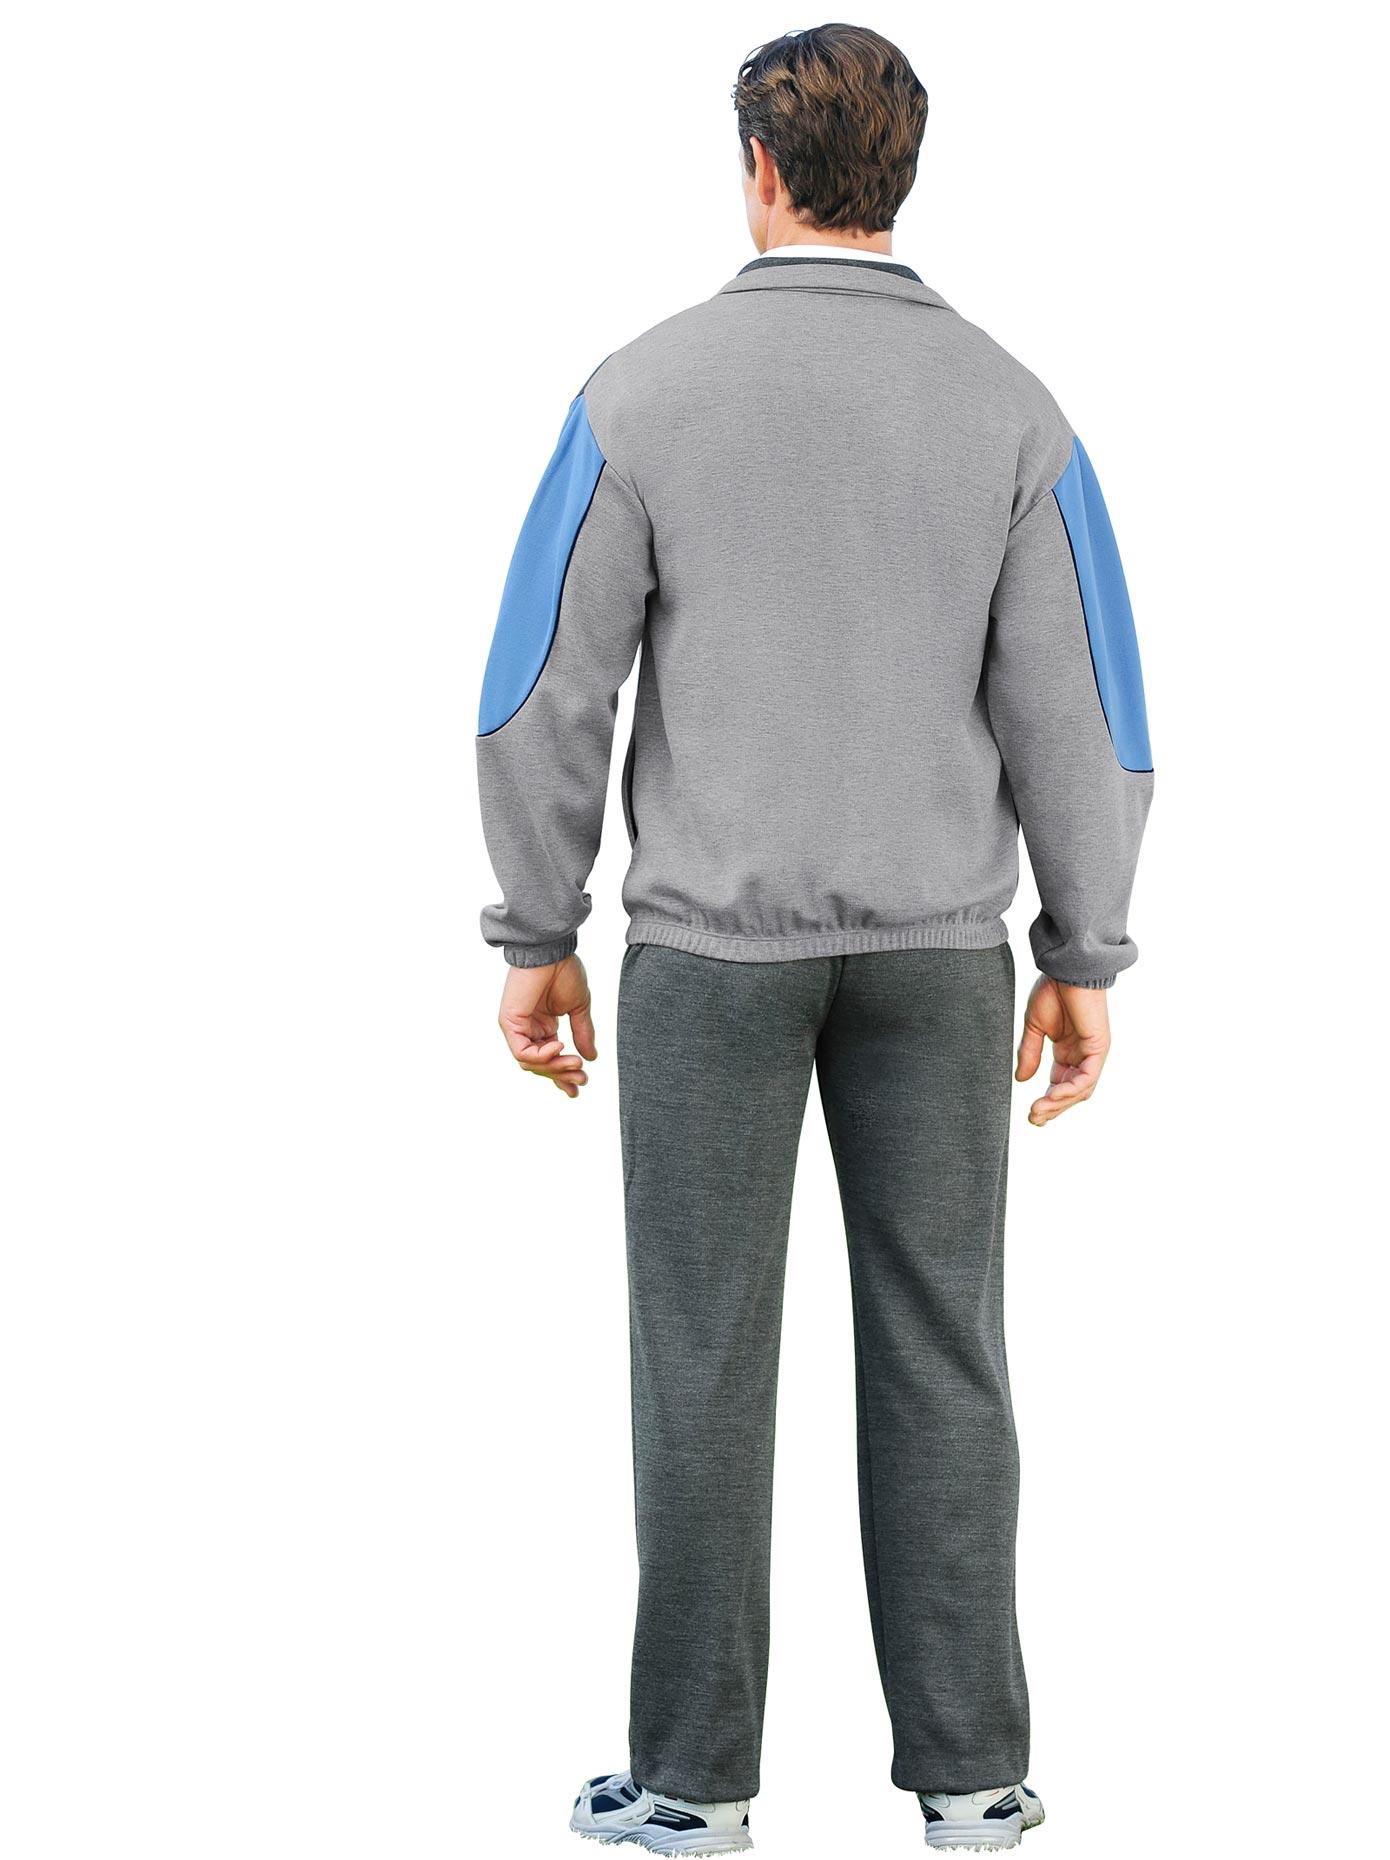 Catamaran Freizeitanzug mit geradem Beinabschluss   Sportbekleidung > Sportanzüge > Freizeitanzüge   Grau   CATAMARAN